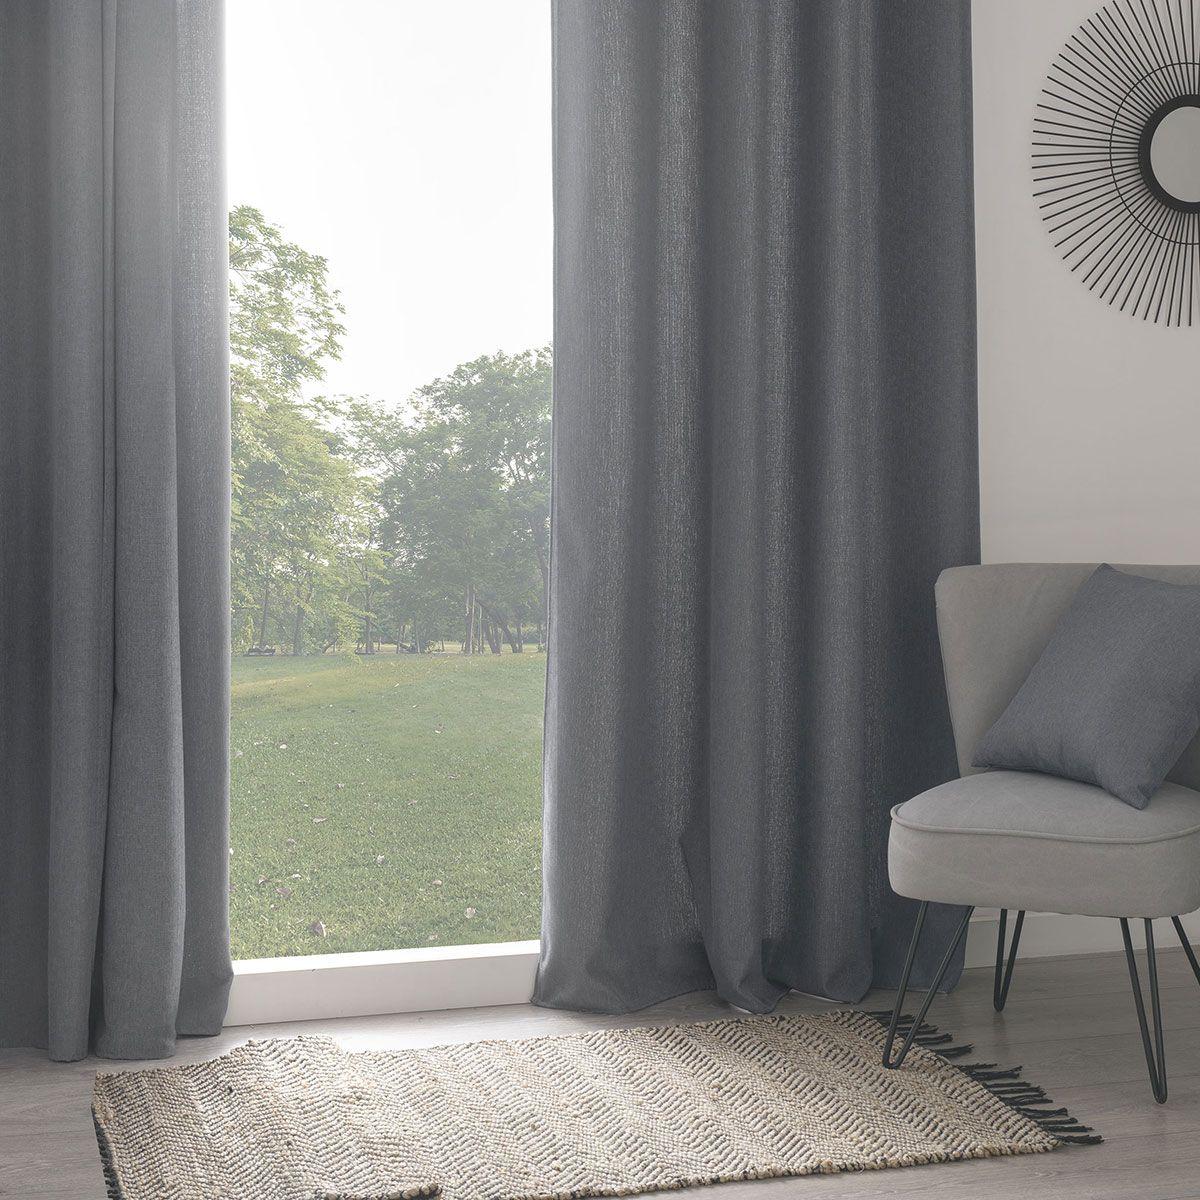 Rideau isolant thermique et phonique gris 140x260 cm